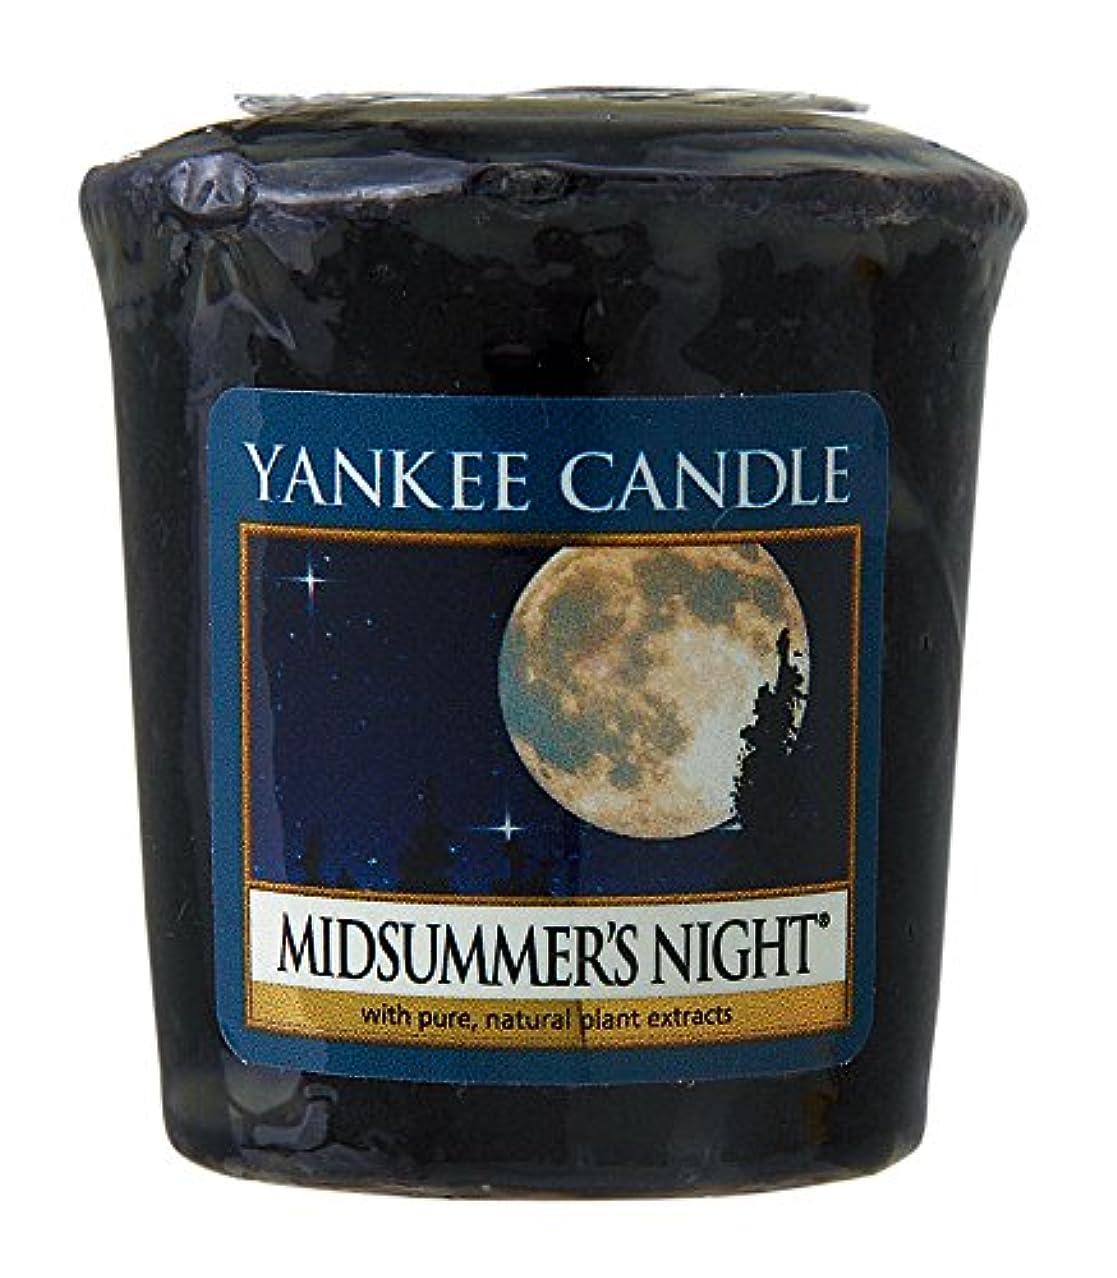 独占魅惑するお手伝いさんヤンキーキャンドル サンプラー お試しサイズ ミッドサマーナイト 燃焼時間約15時間 YANKEECANDLE アメリカ製